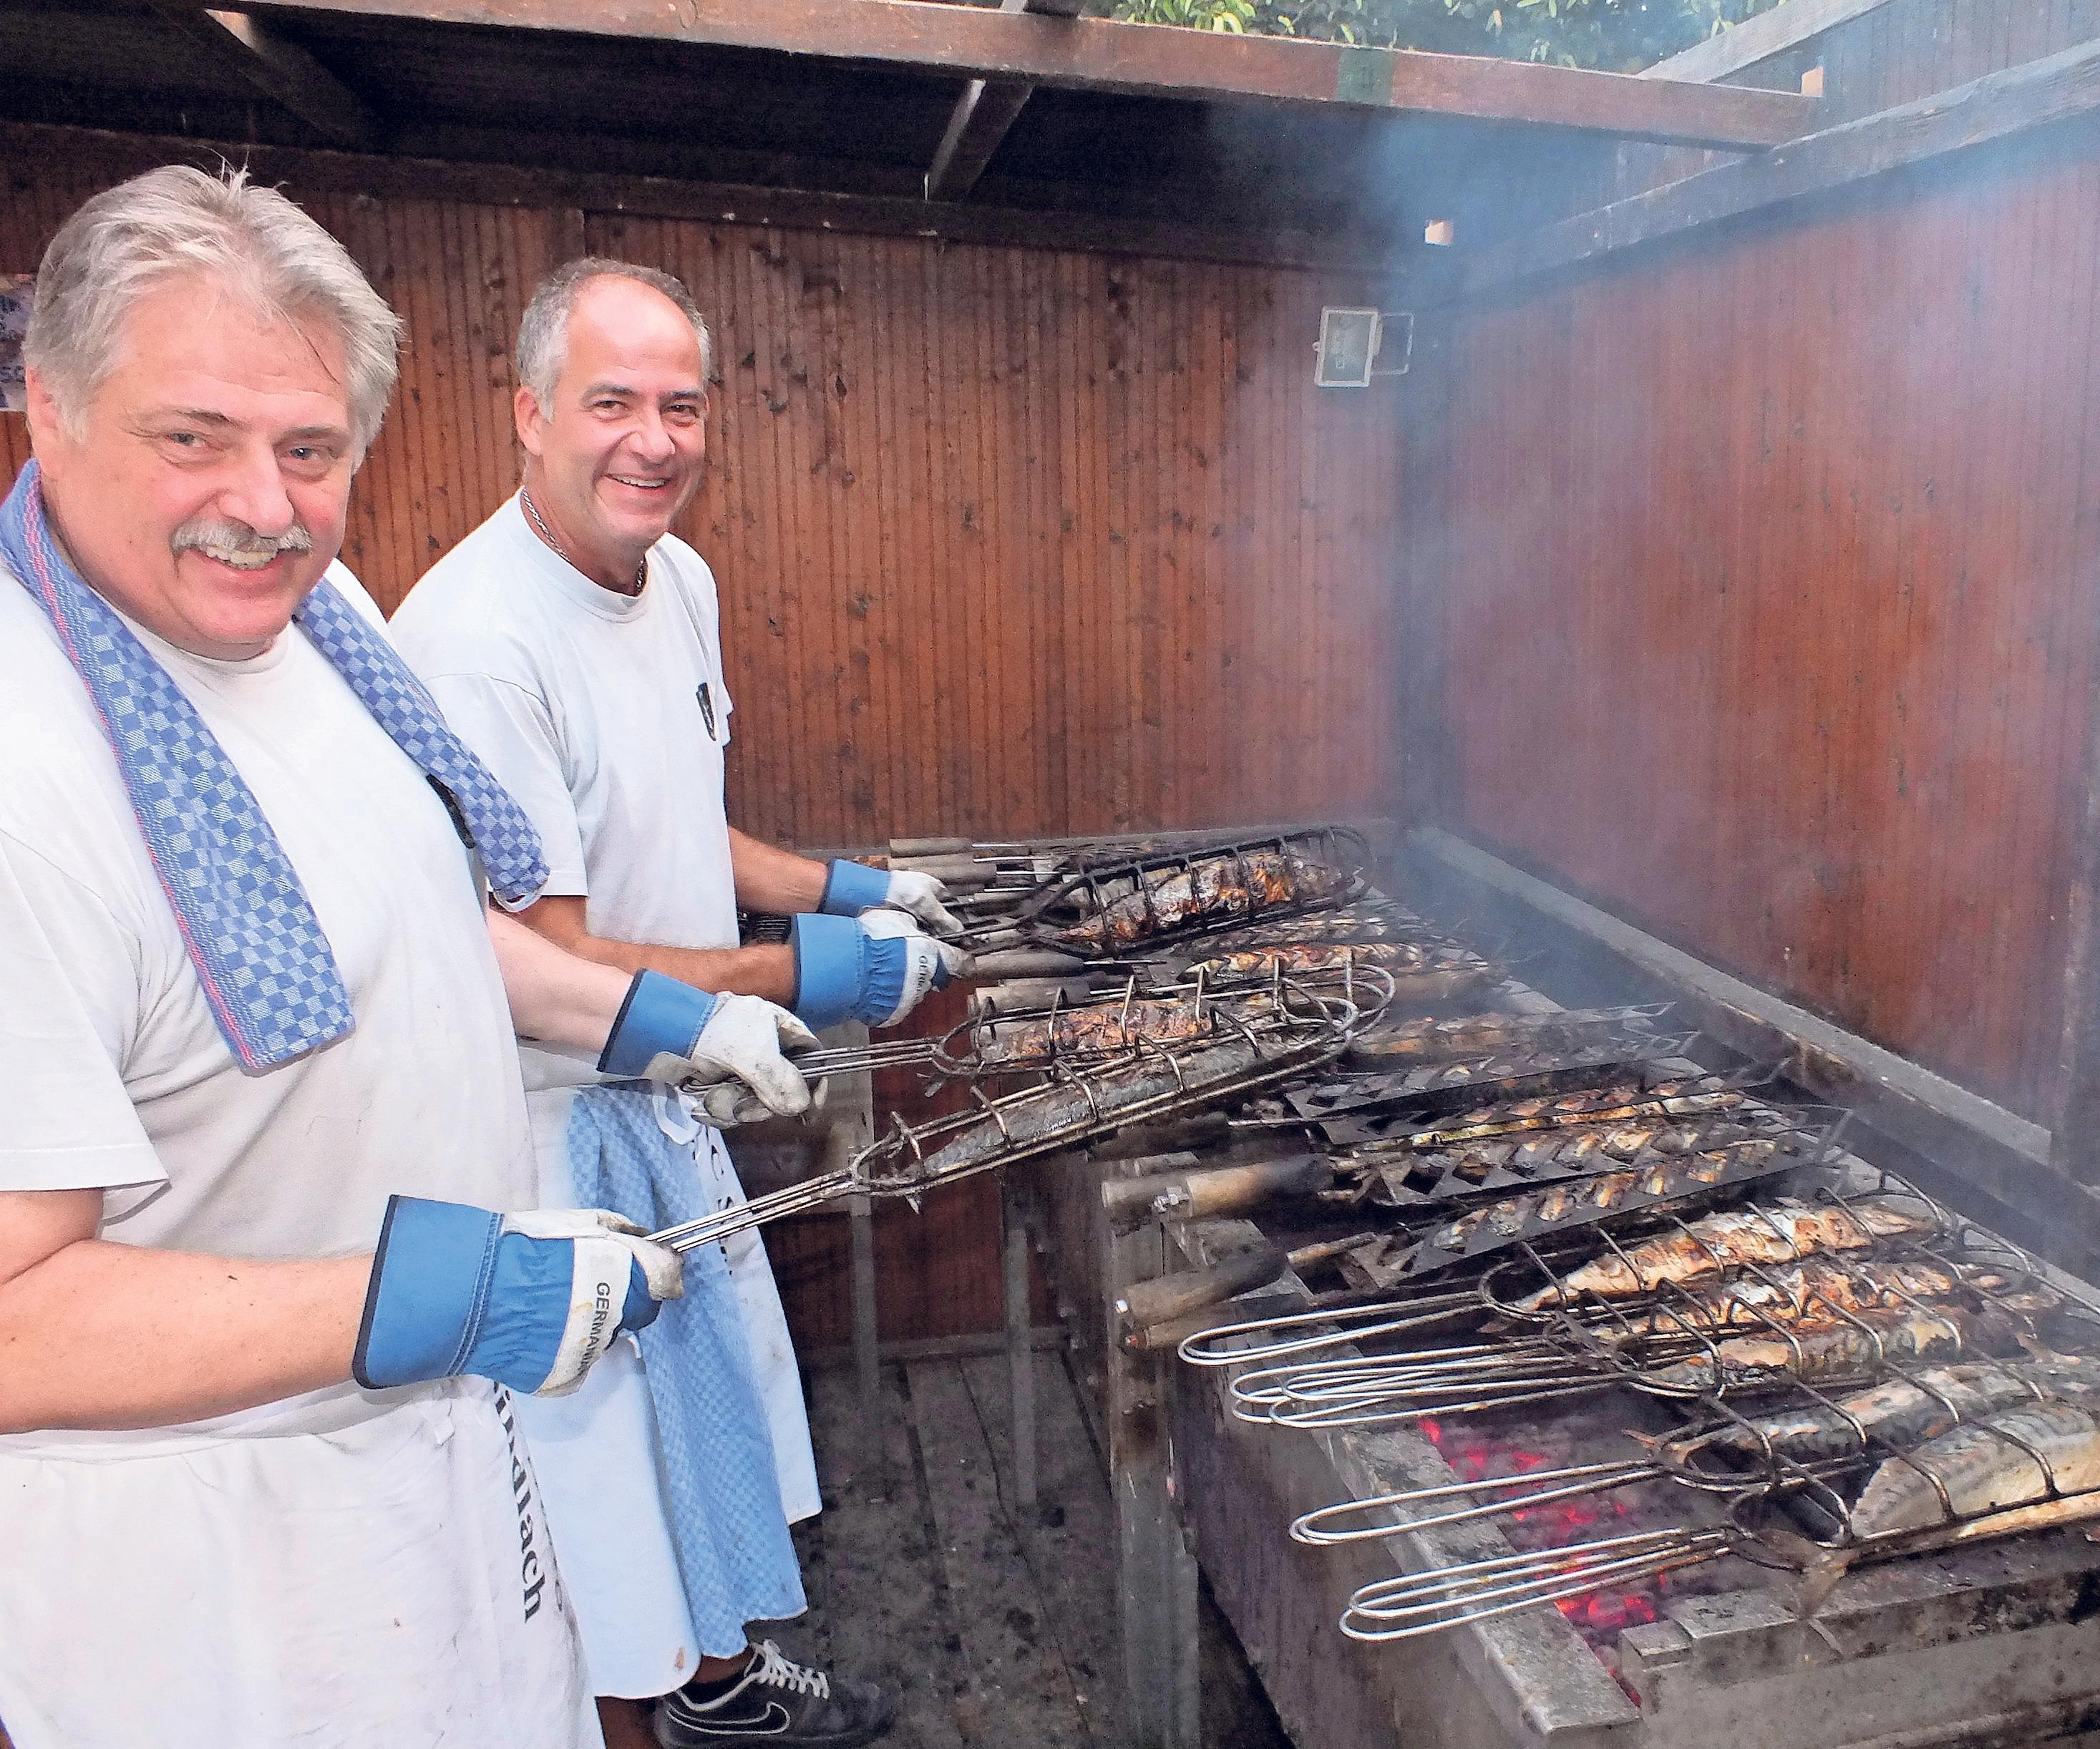 Die Grill-Meister sind an den Abenden voll in Aktion, denn etwa 500 Makrelen warten auf hungrige Besucher.